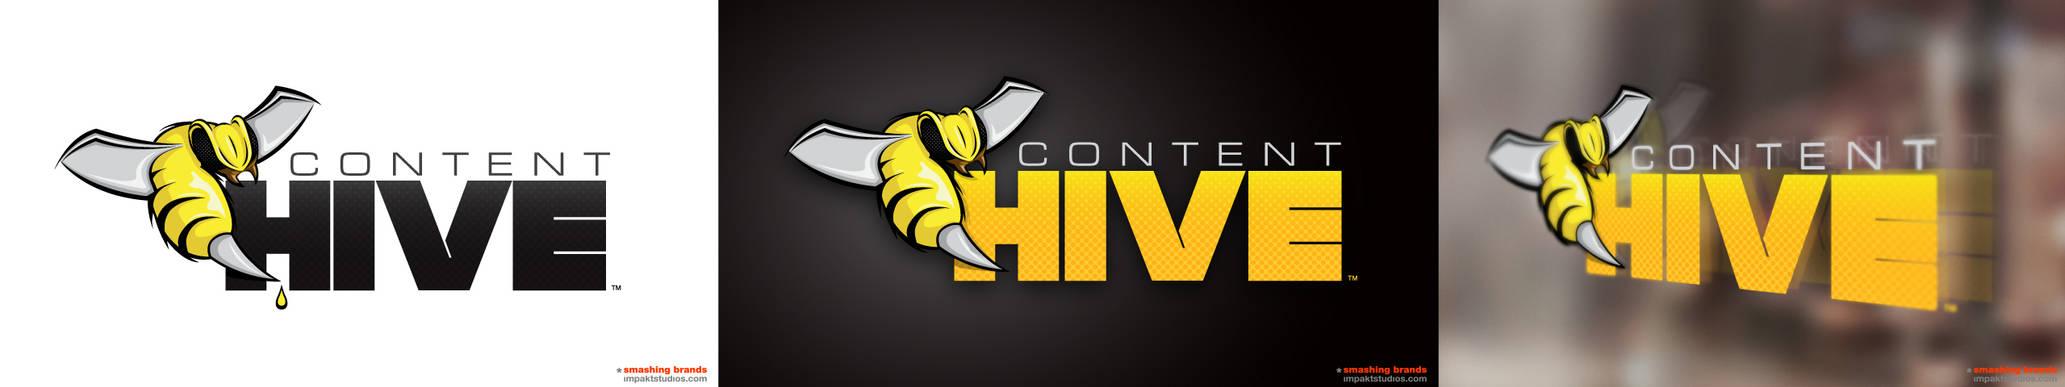 Content Hive Concept 1